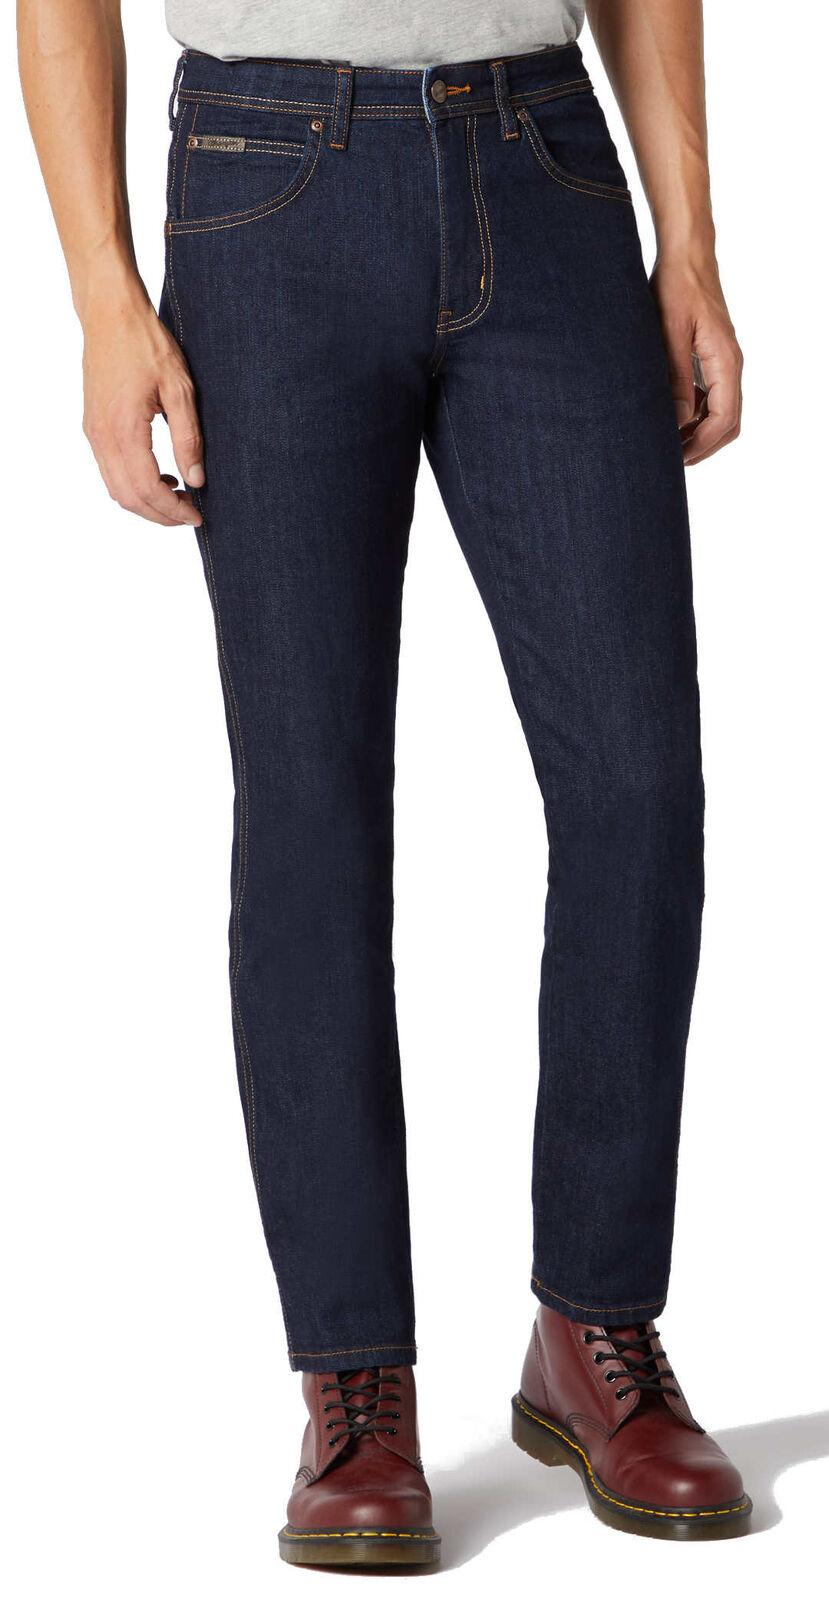 Wrangler Arizona Stretch RINSEWASH Herren Stretch Jeans Hose auch in übergröße